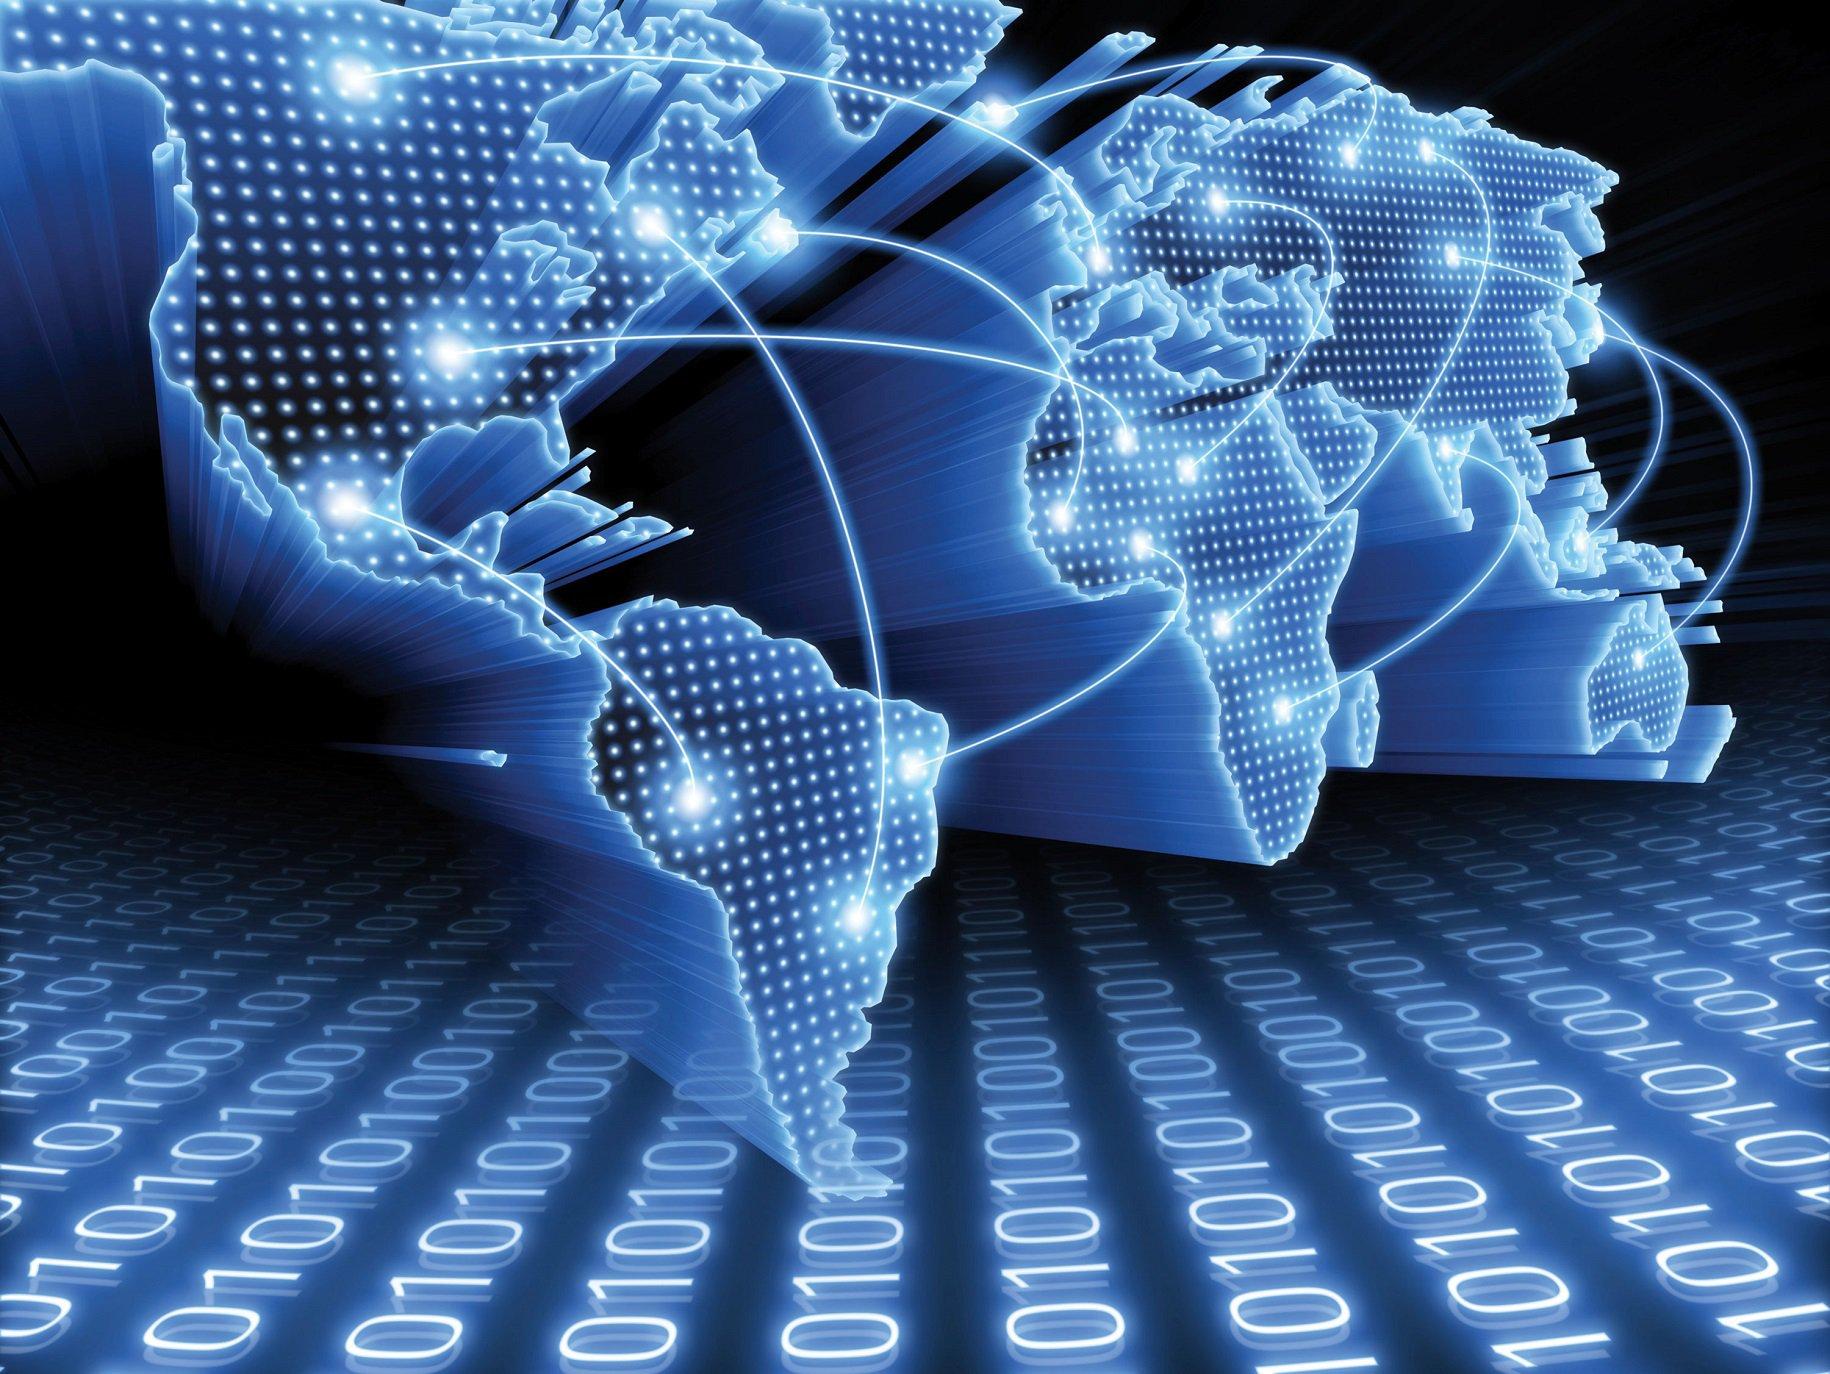 Картинка компьютеры в сети